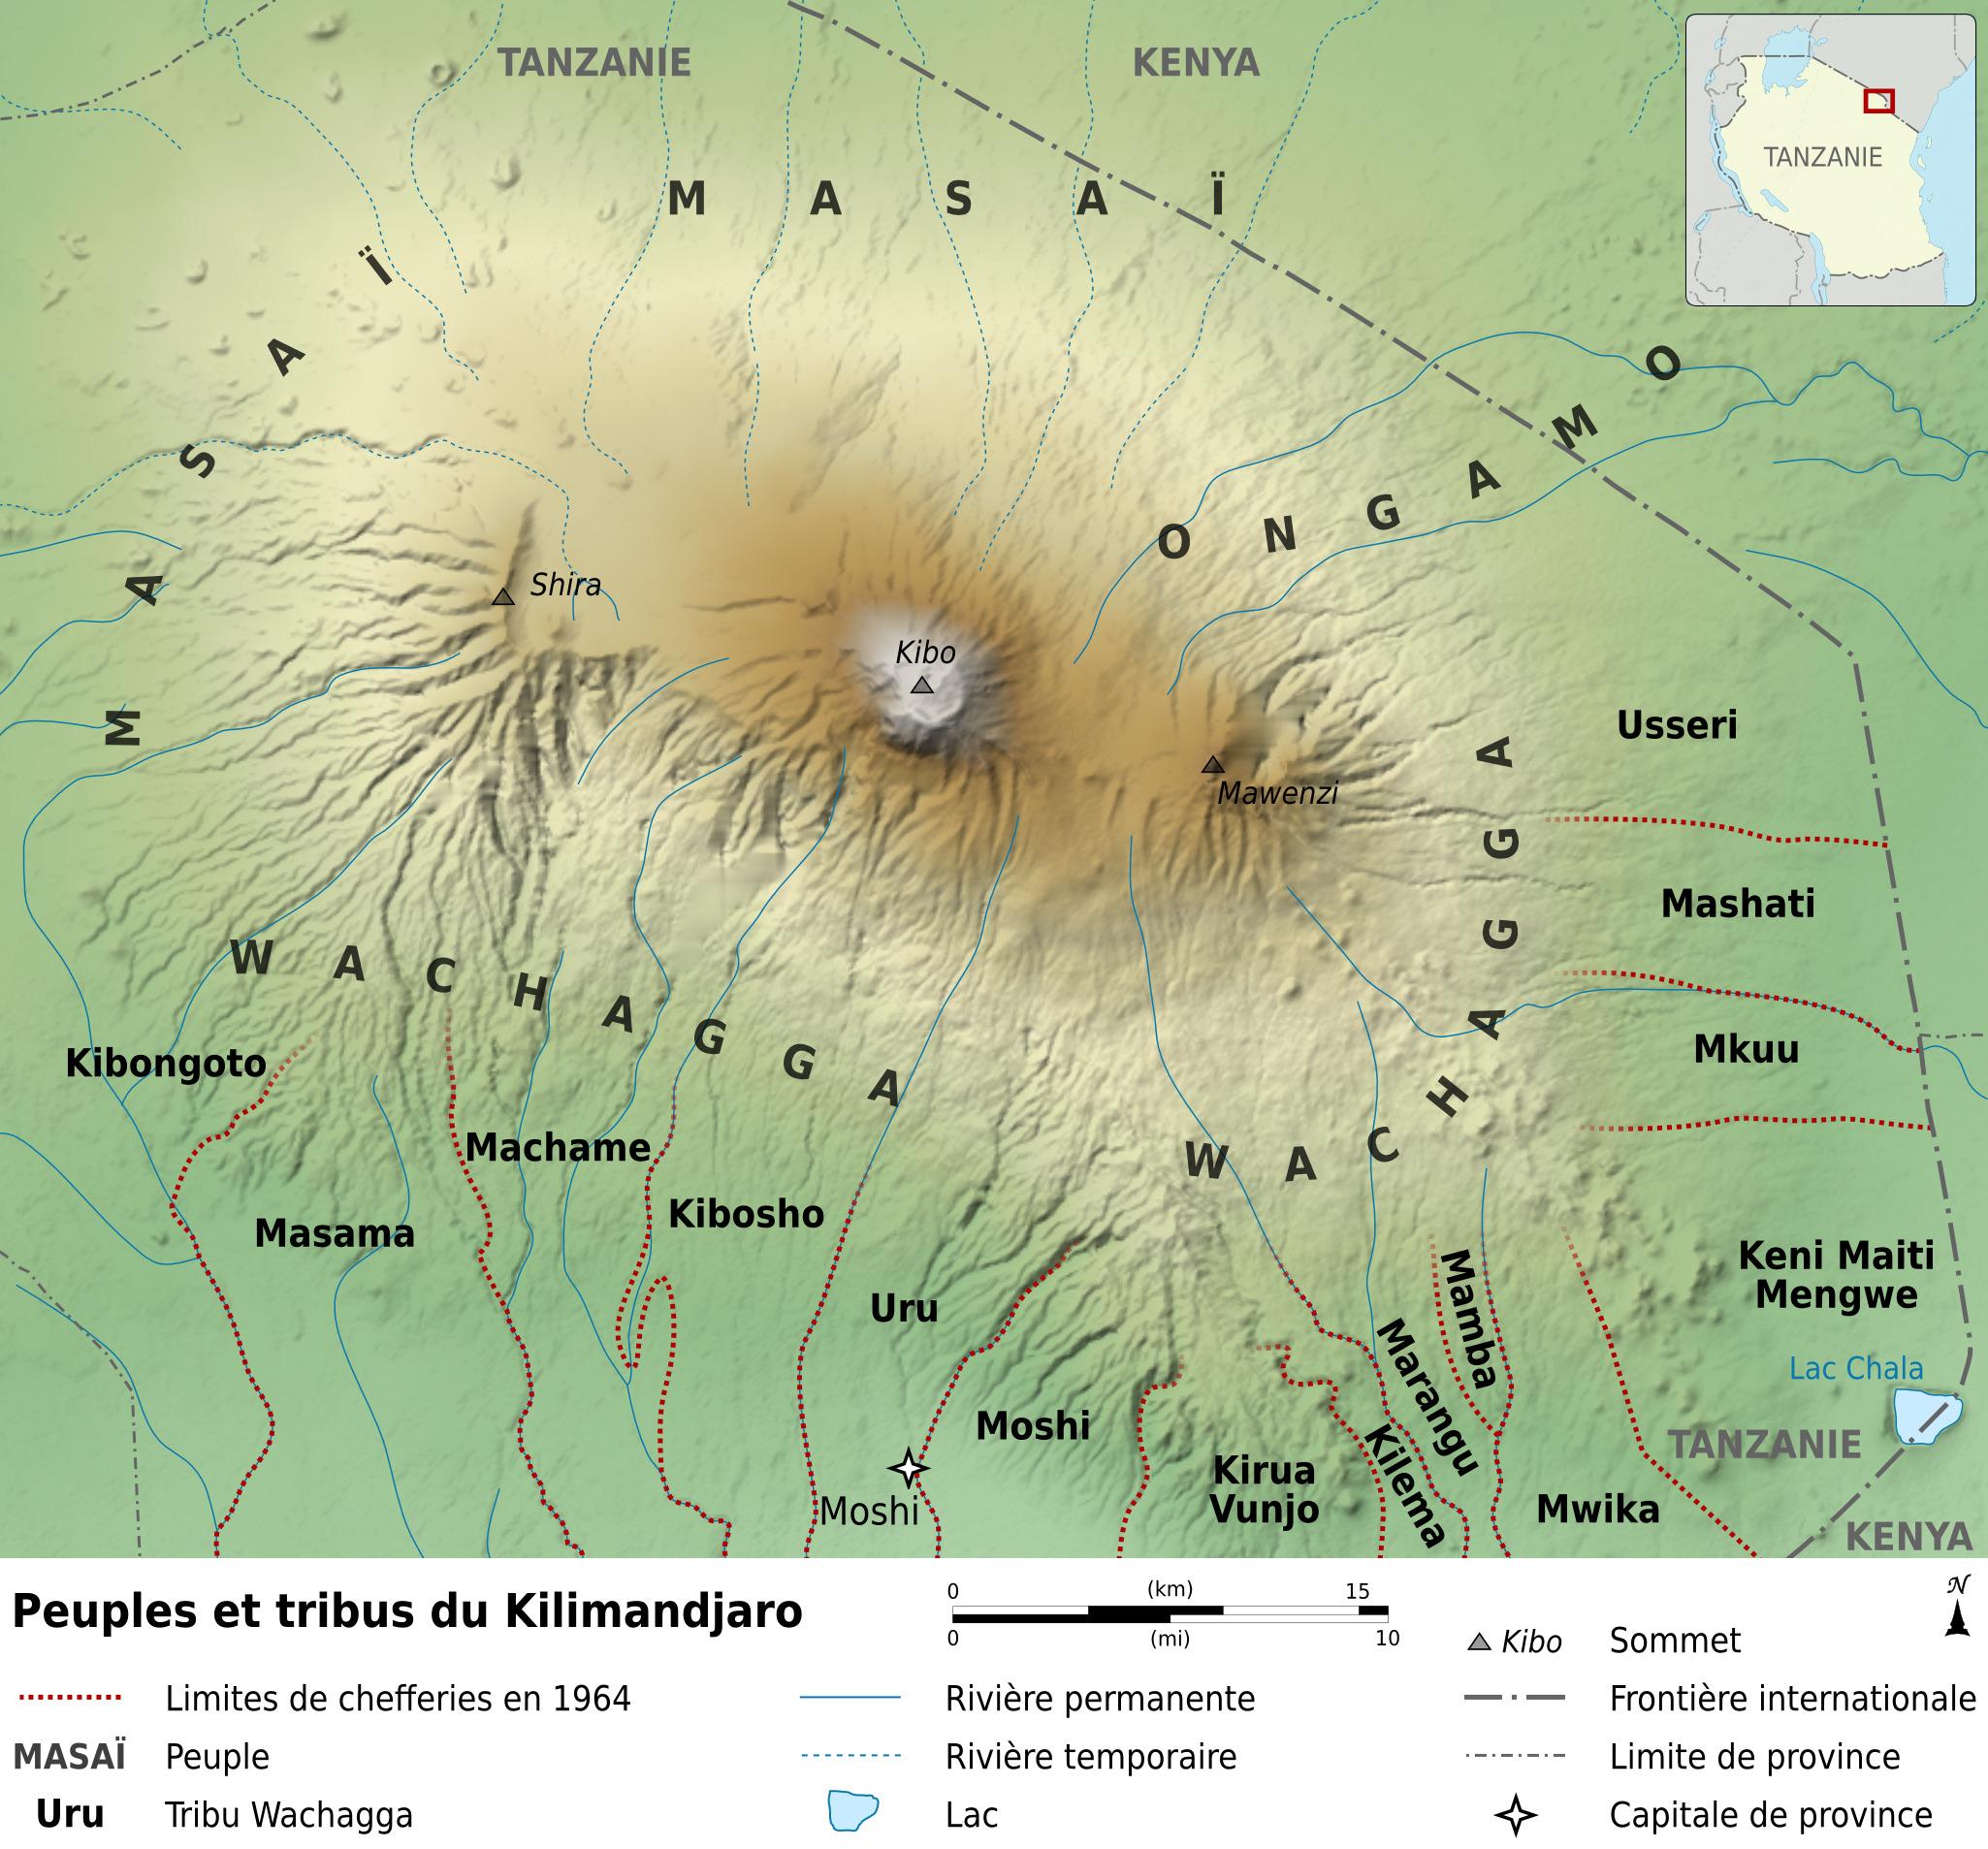 filemount kilimanjaro peoples mapfr. filemount kilimanjaro peoples mapfr  wikimedia commons